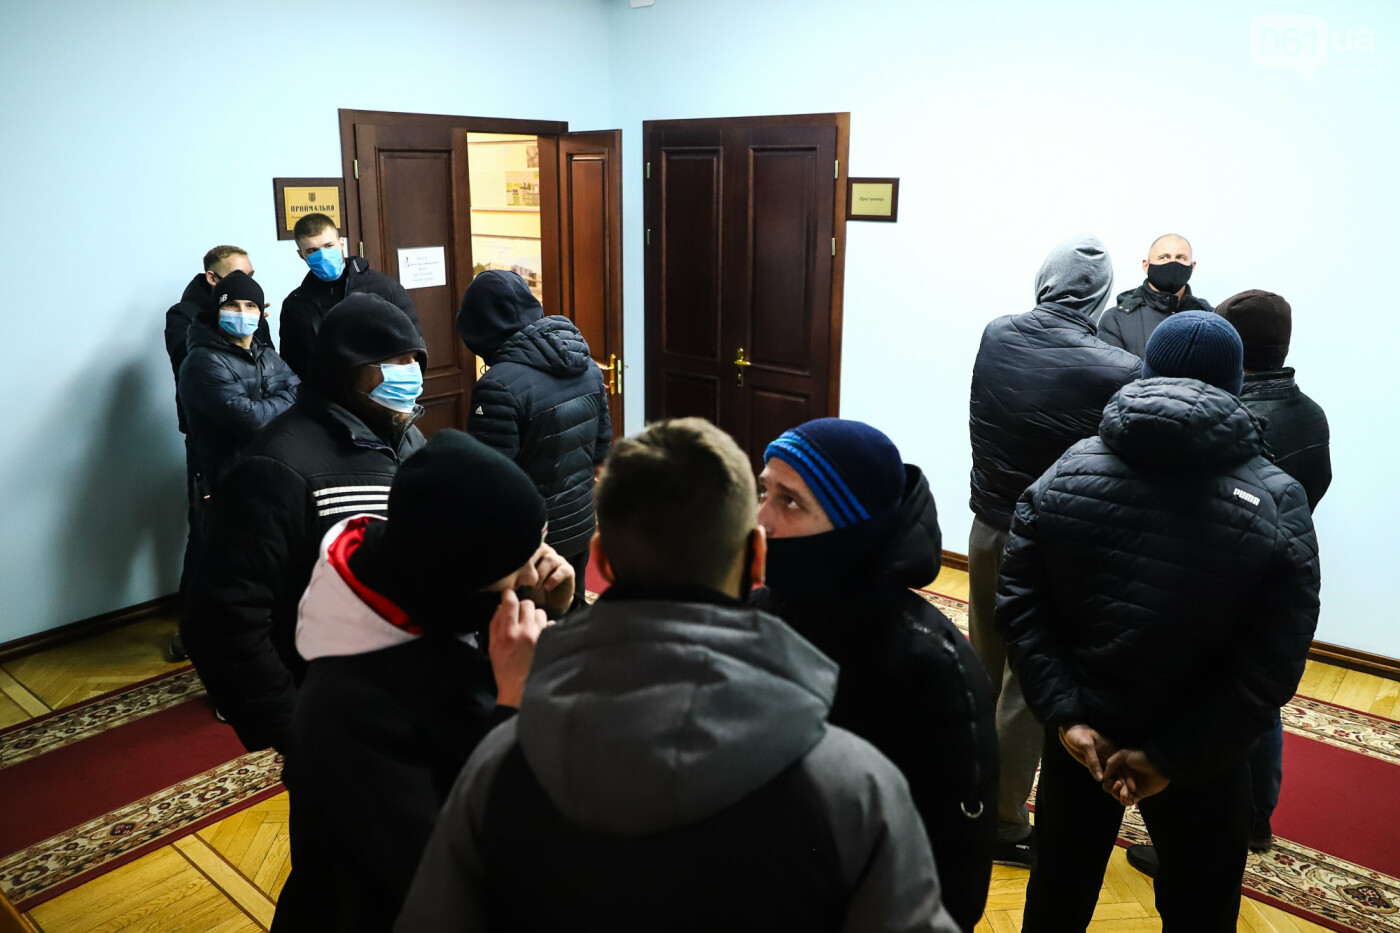 """Тайная """"сессия"""", сотни правоохранителей и стычки с активистами - что происходило в здании Запорожского облсовета, - ФОТО, ВИДЕО , фото-13"""